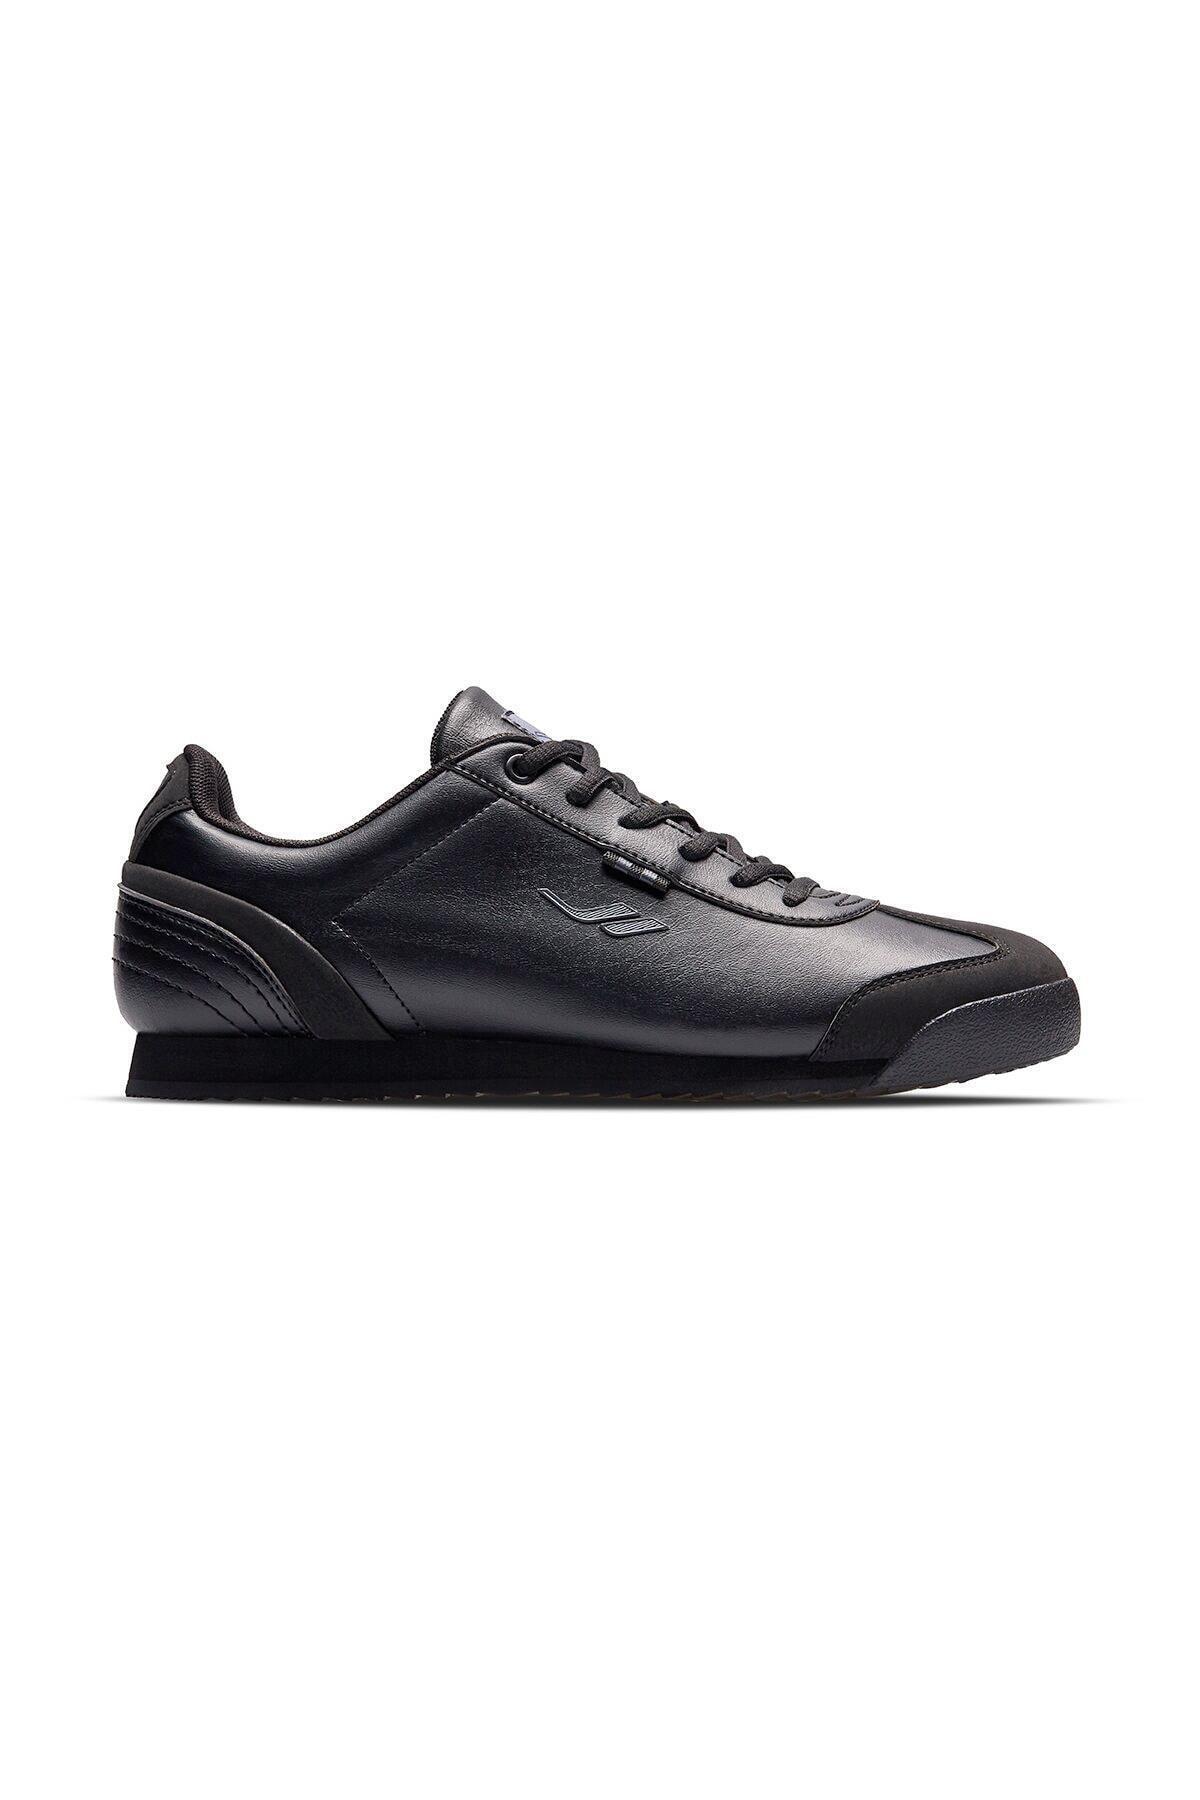 Lescon Ly-wınner-3 Sneakers Günlük Erkek Spor Ayakkabı 1